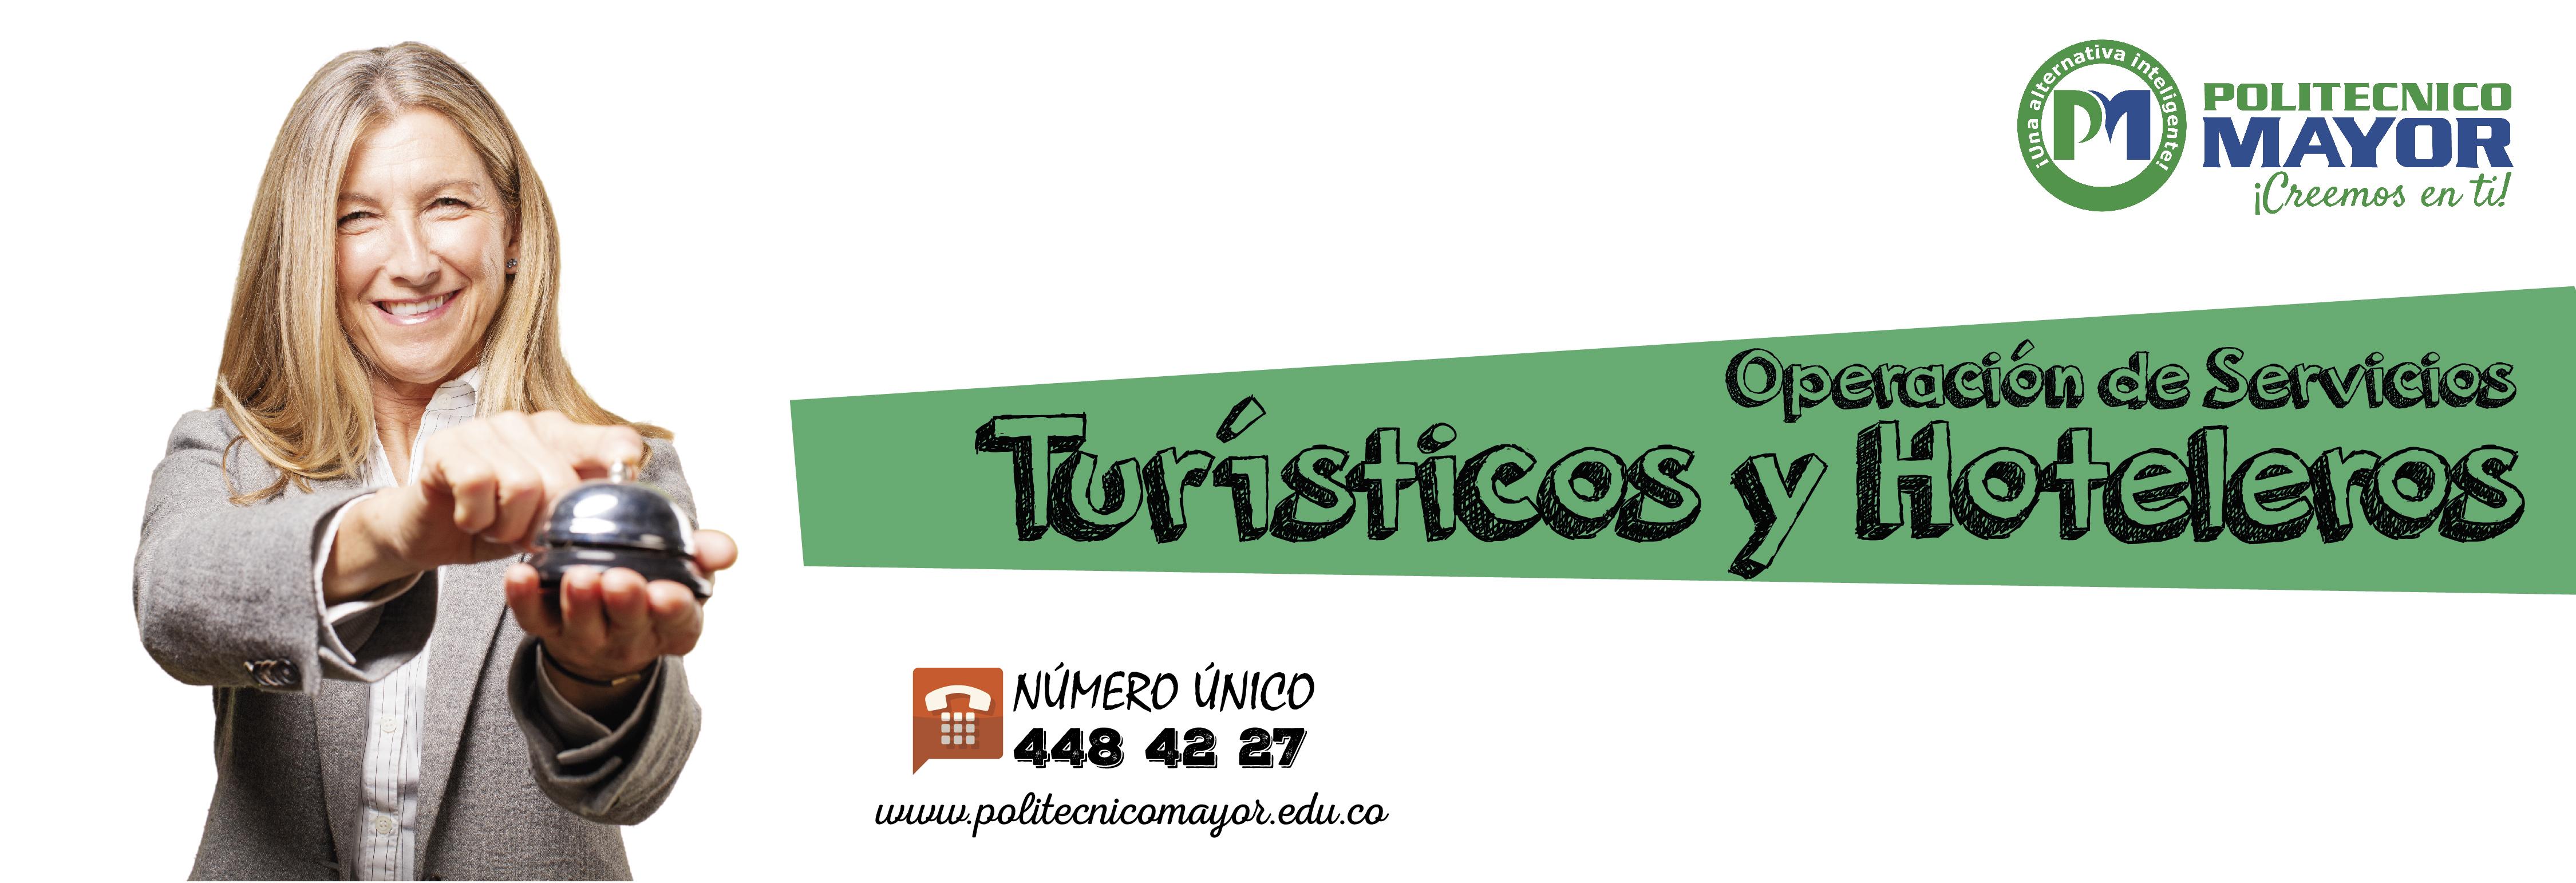 Tursticos-y-Hoteleros--002-01